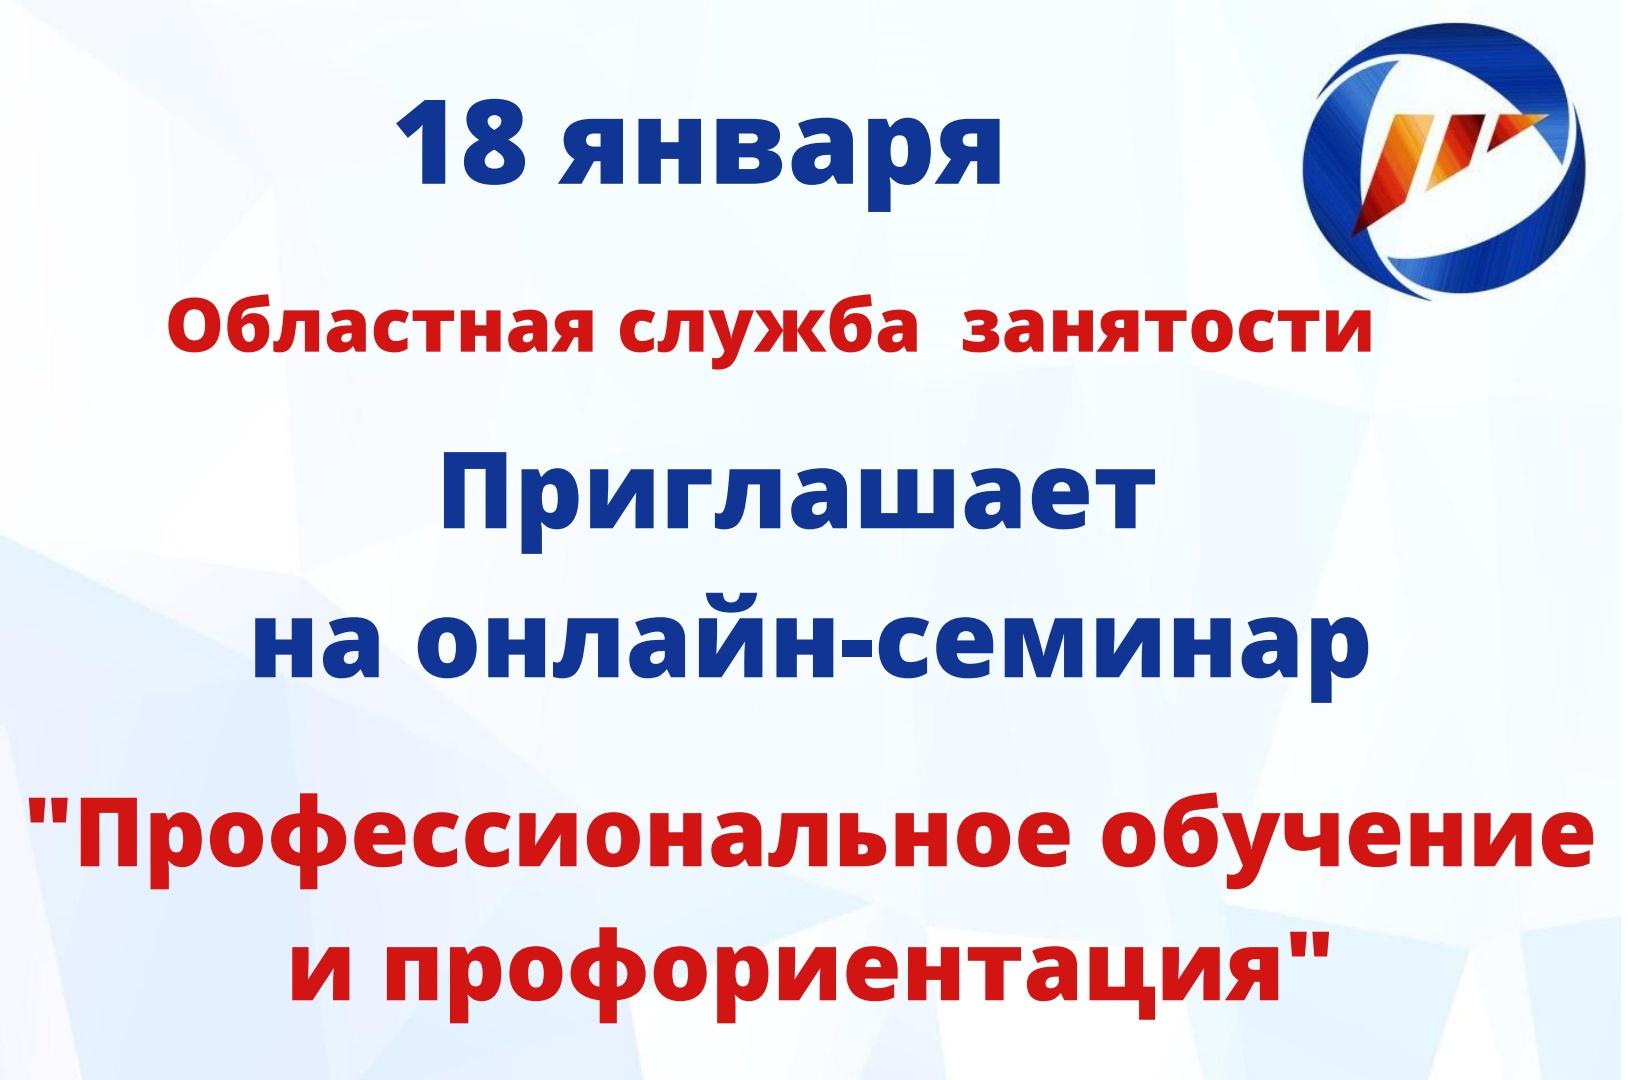 18 января региональная служба занятости приглашает на онлайн-семинар «Профессиональное обучение и профориентация»